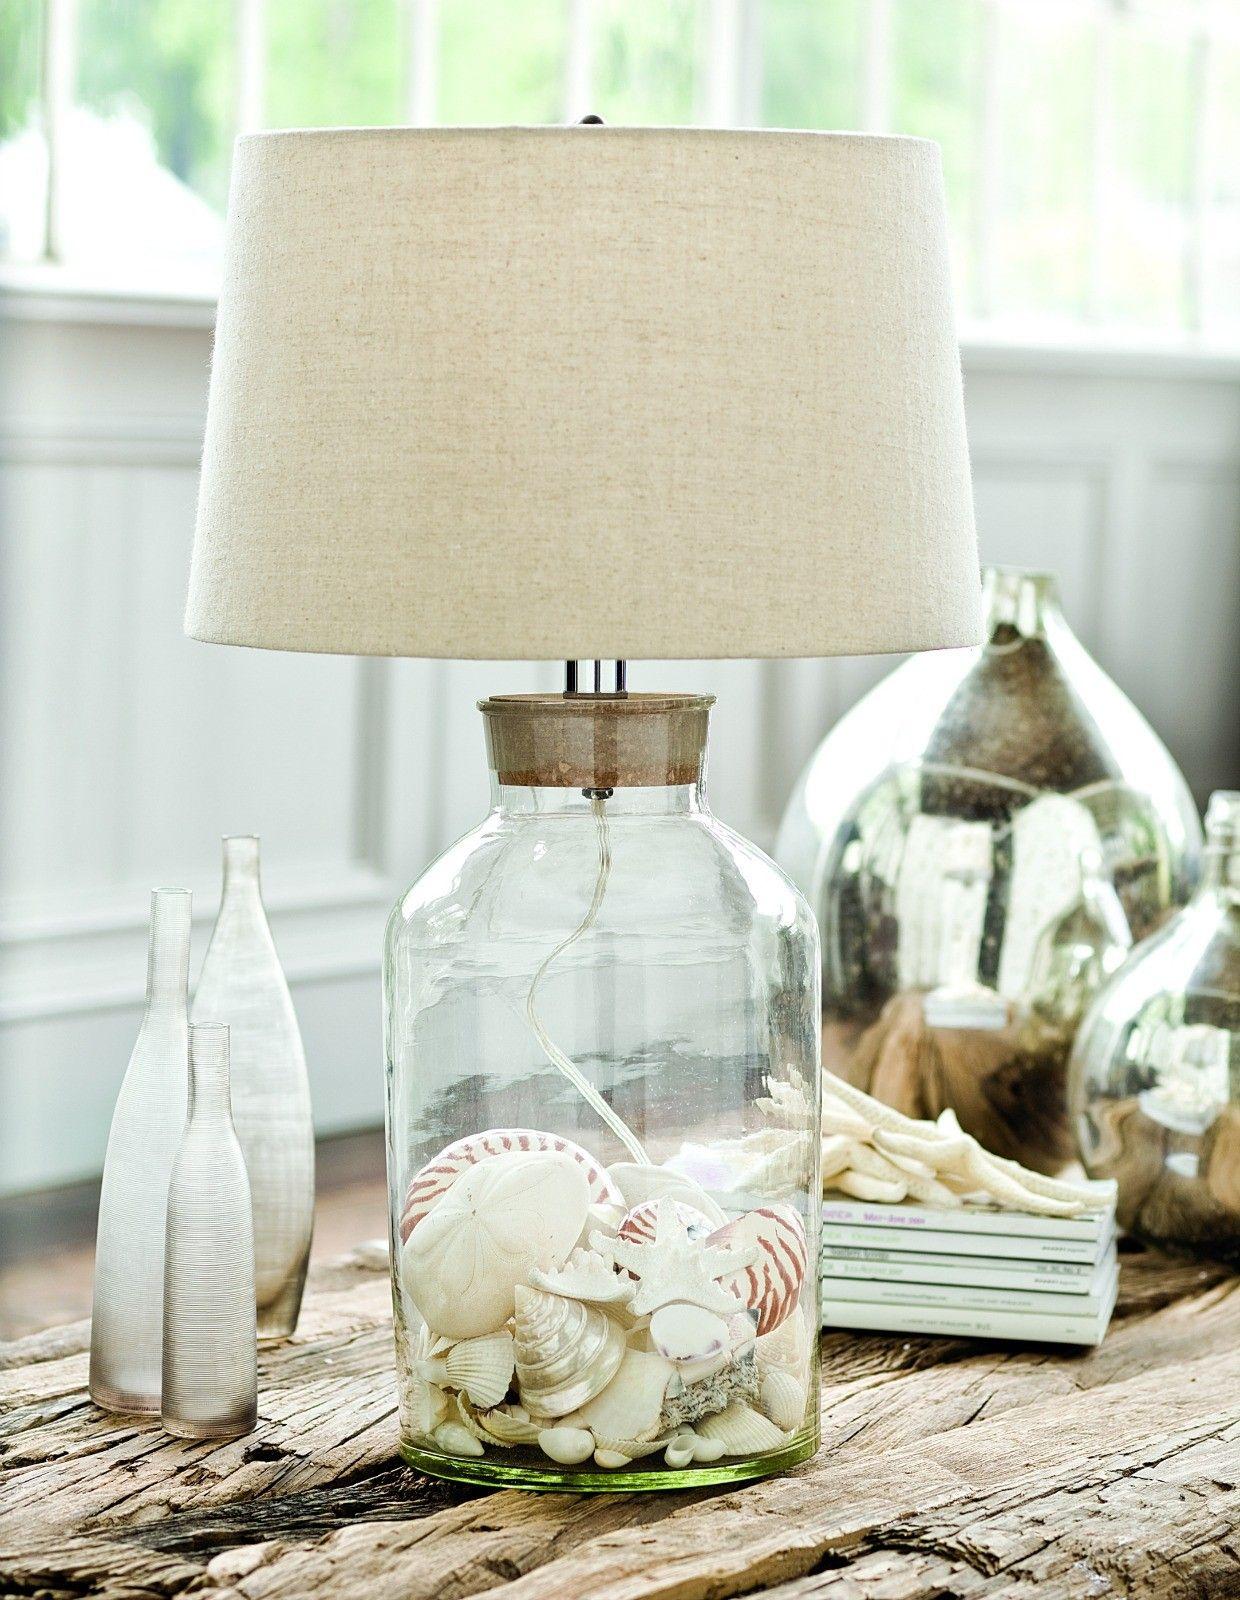 Coastal Treasure Keepsake Lamp From Regina Andrew Beach Lamps